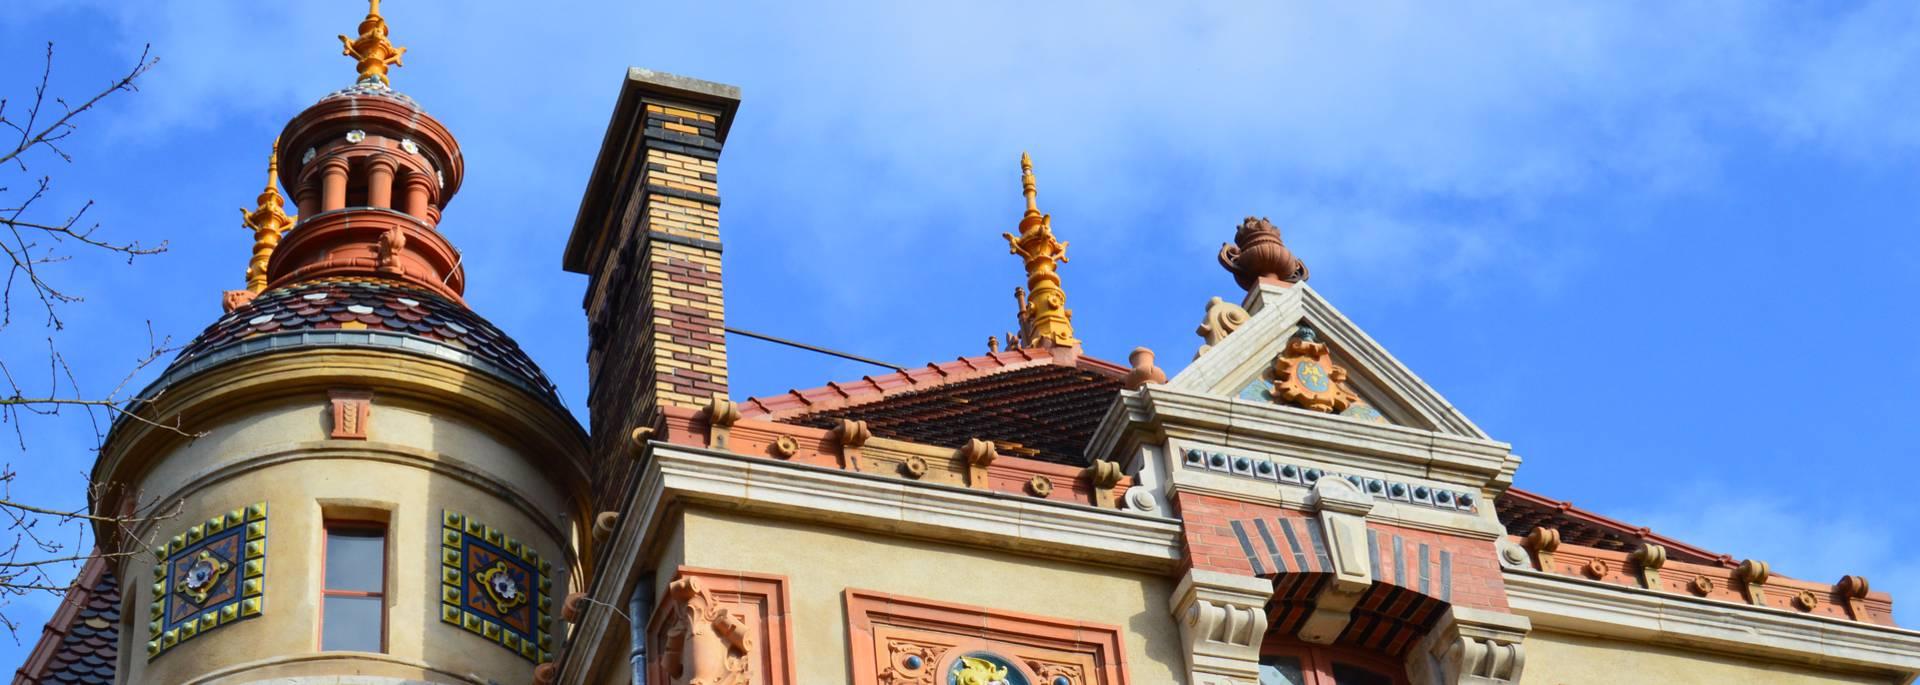 Détail des toitures de la Villa Perrusson, Écuisses. © Creusot Montceau Tourisme.